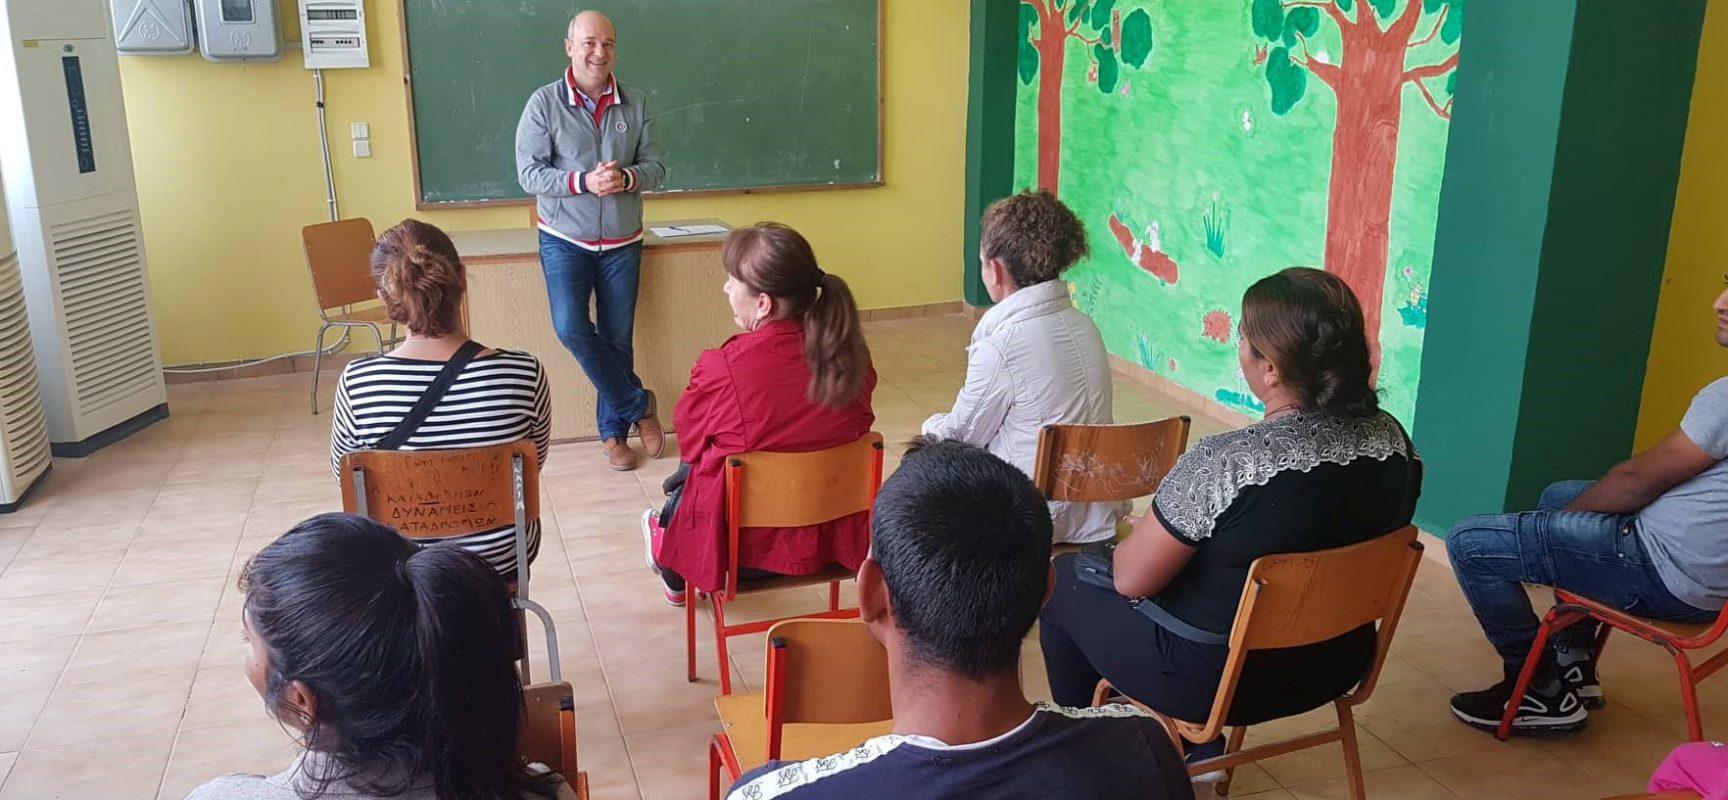 Ενημερωτική συνάντηση για την έναρξη του Σχολειού Δεύτερης ευκαιρίας στο Παράρτημα Ρομά του Κέντρου Κοινότητας του Δήμου